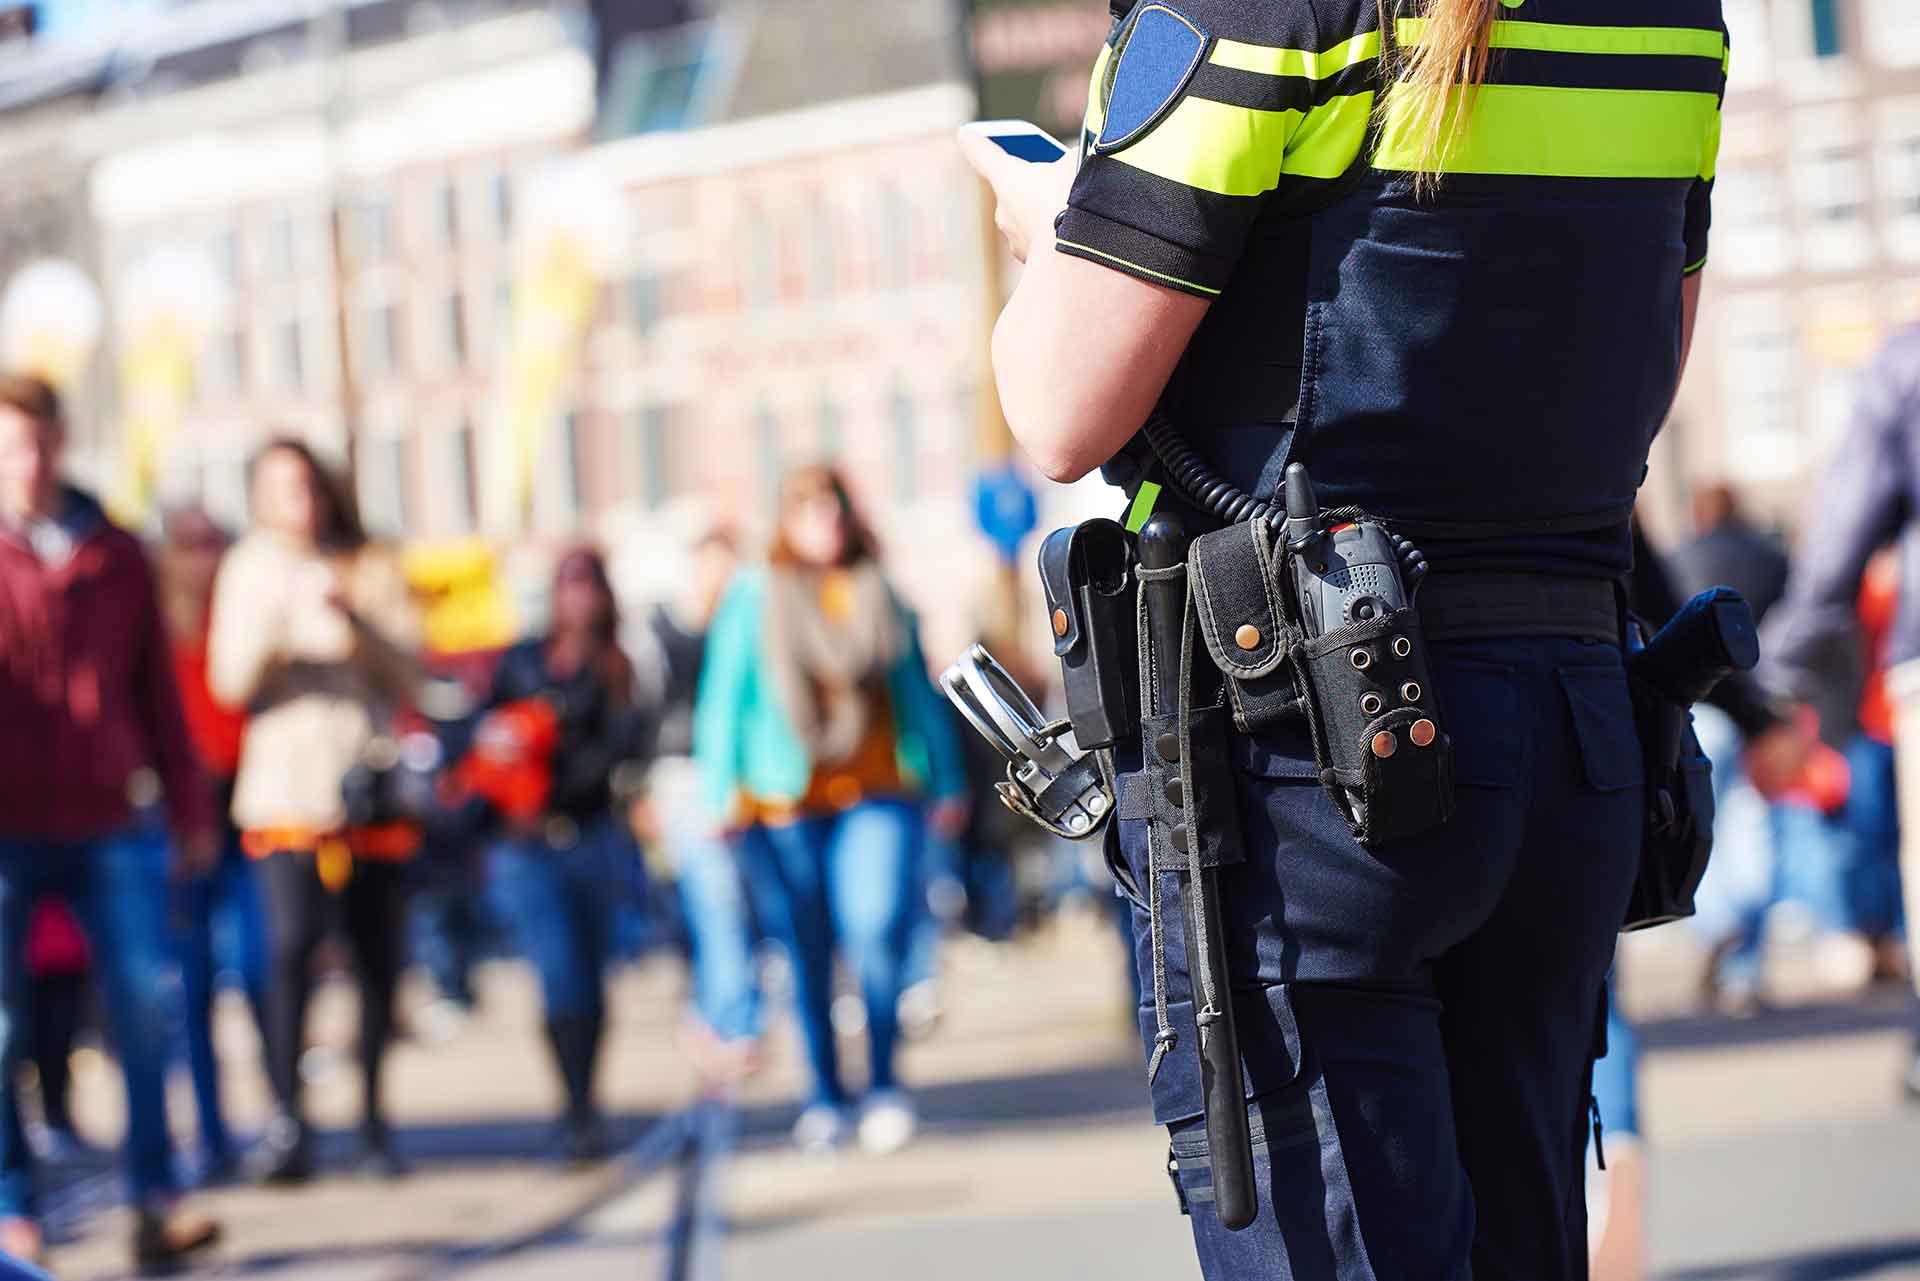 Spraakmakende strafzaken - Poging doodslag Molukkers Hanenhof Geleen